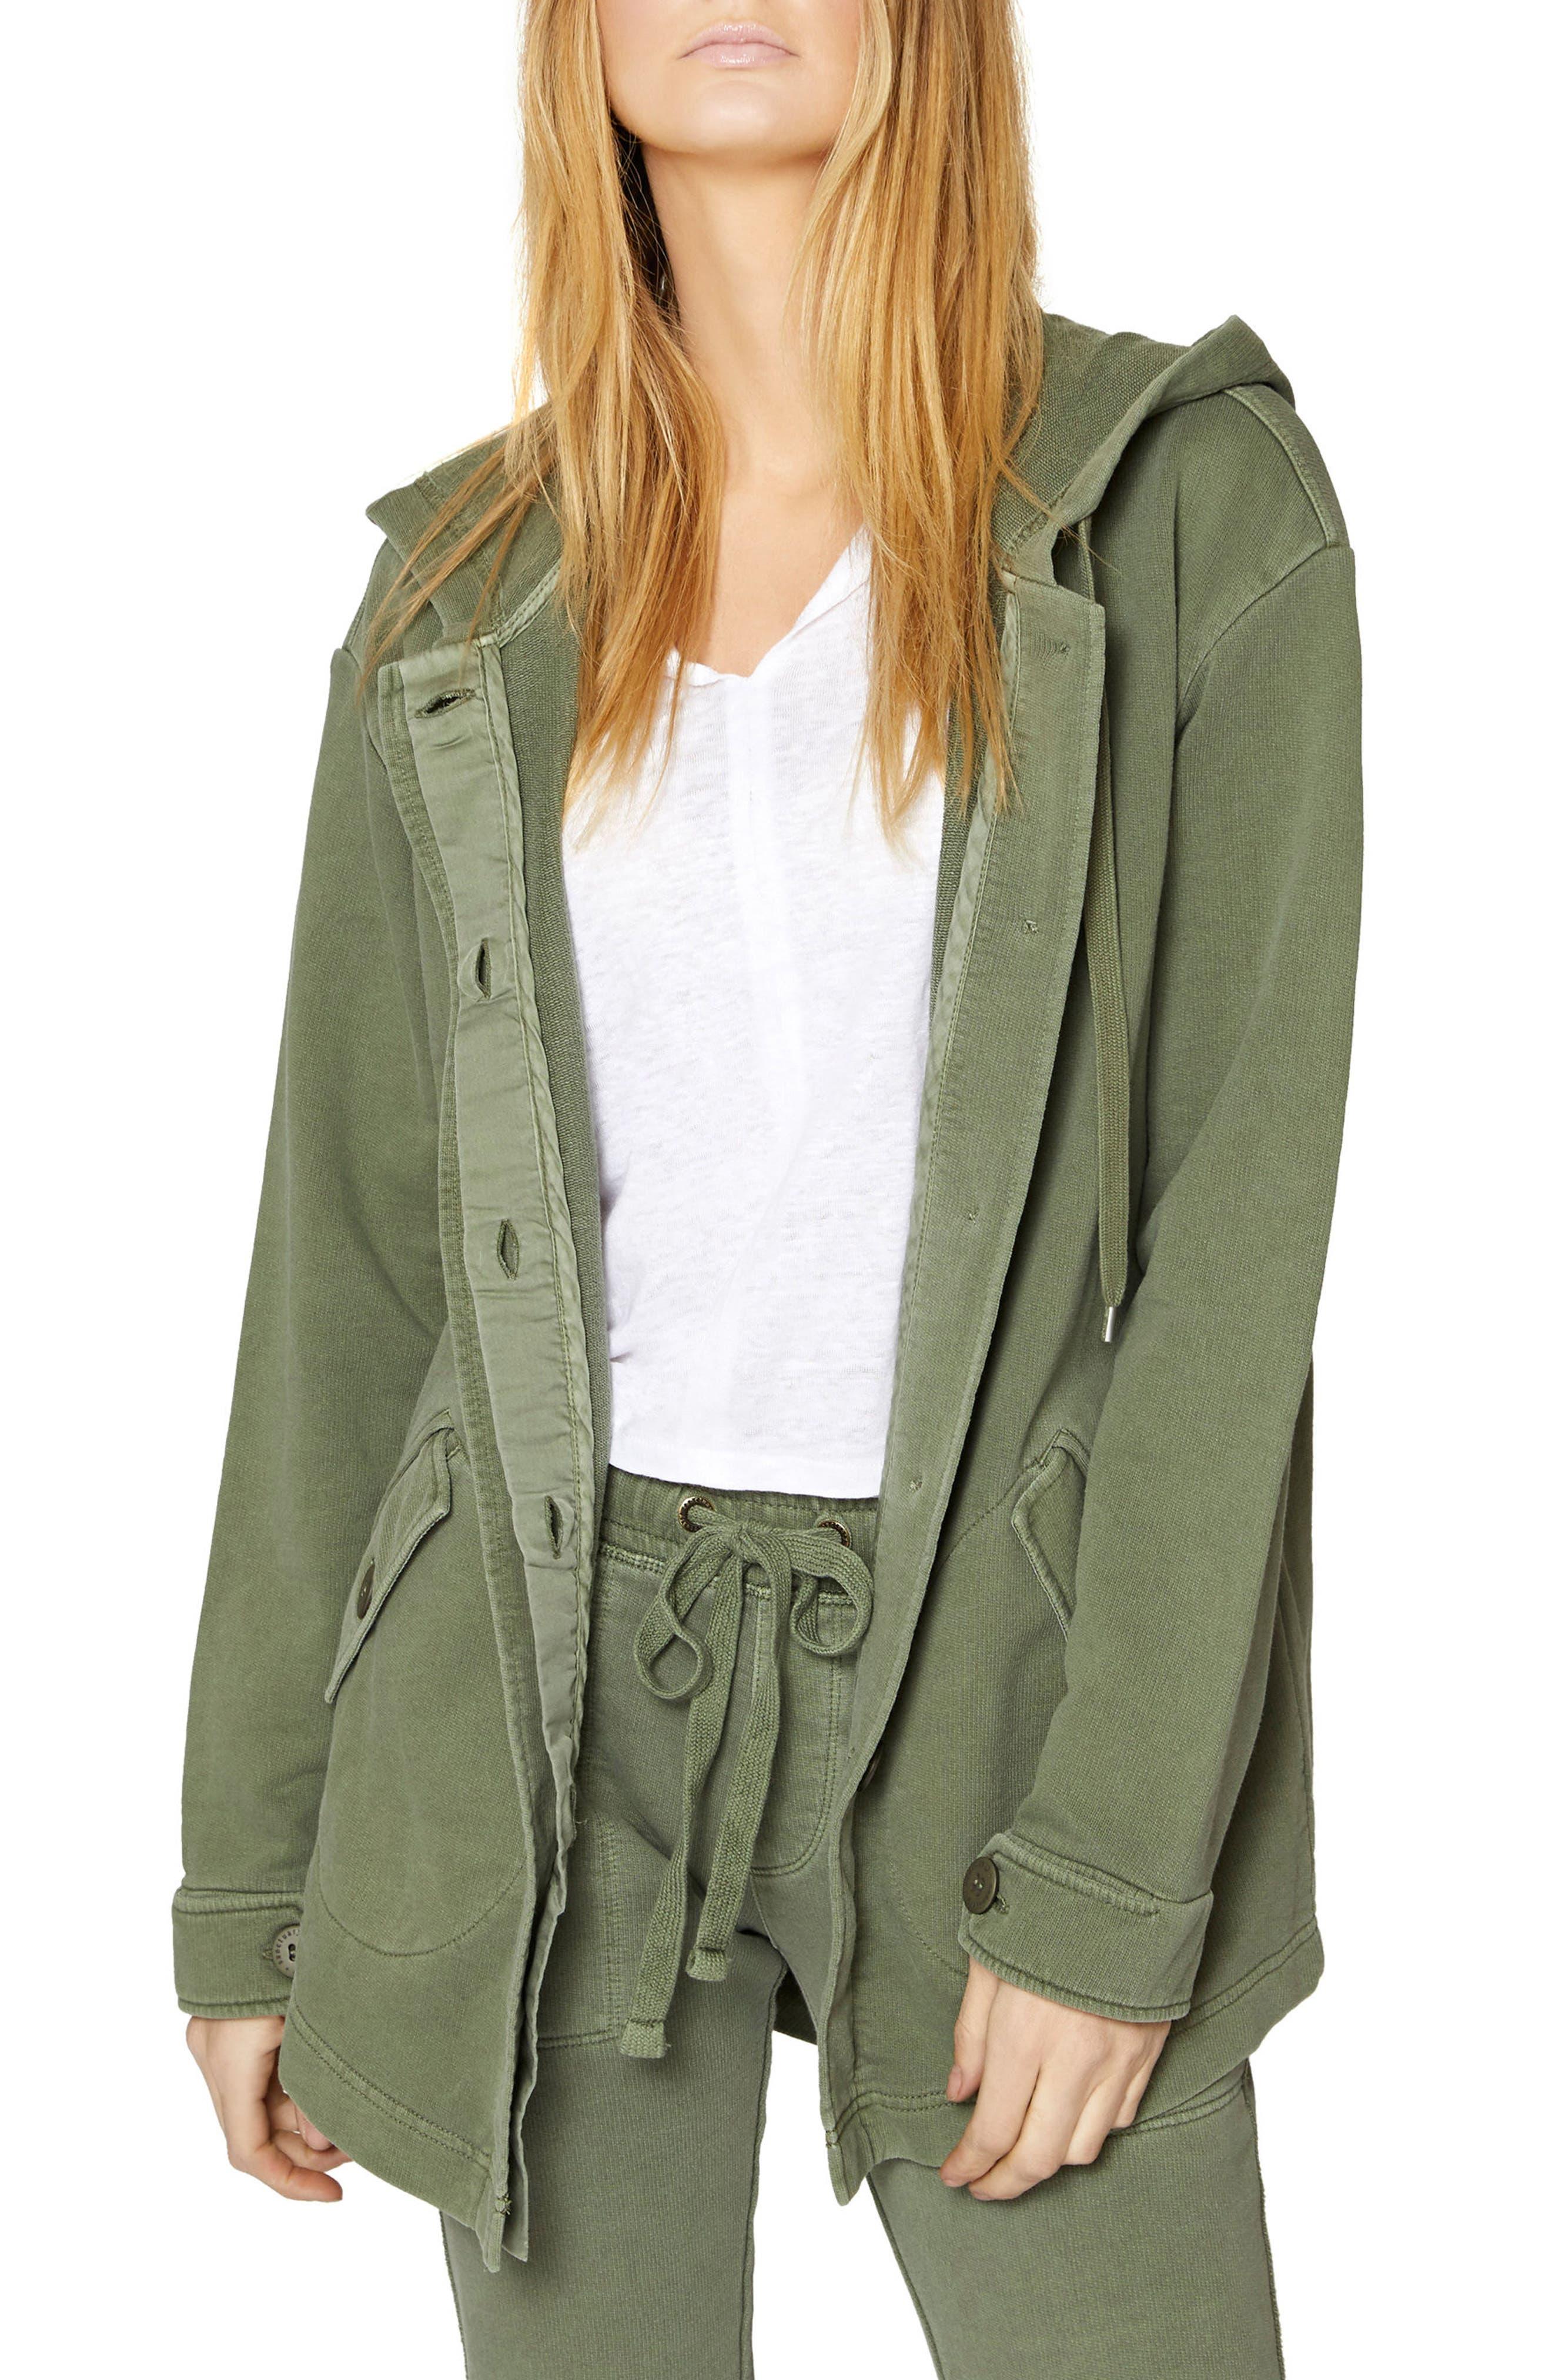 Top Rank Hooded Jacket,                             Main thumbnail 1, color,                             300